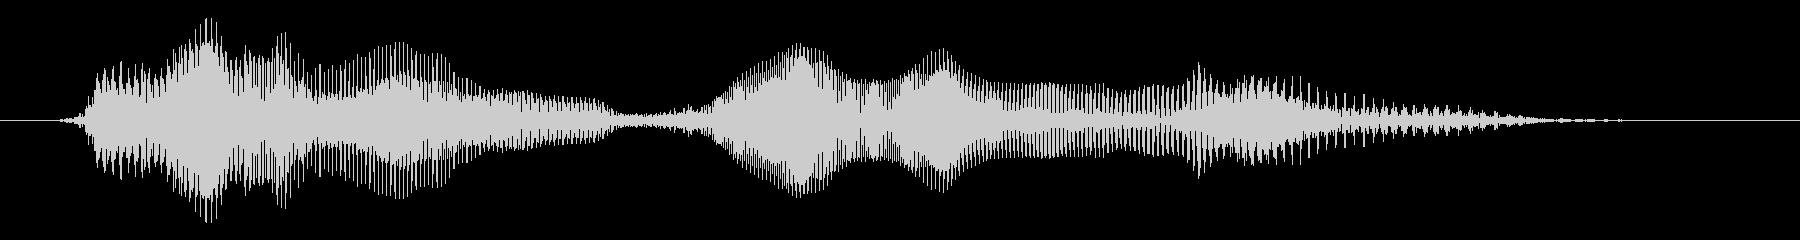 ボンジュール(高音)の未再生の波形